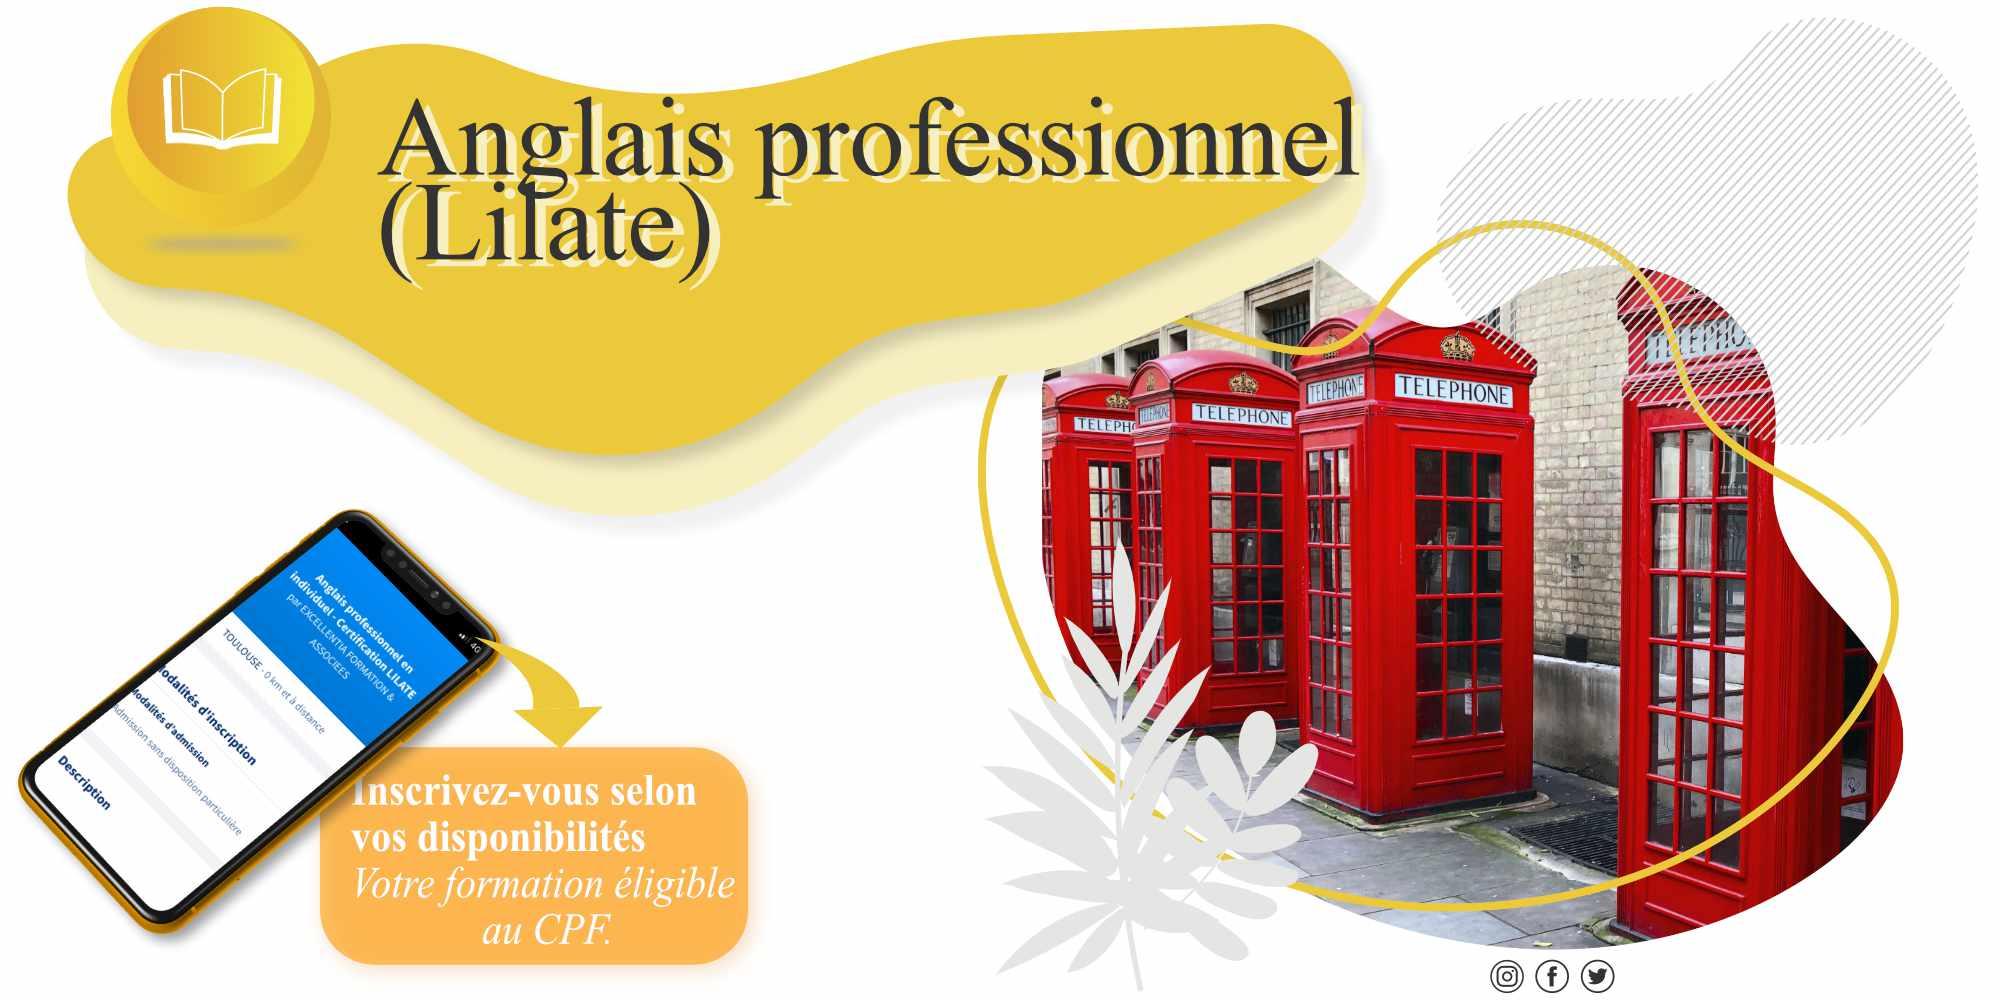 anglais_pro_lilate.jpg